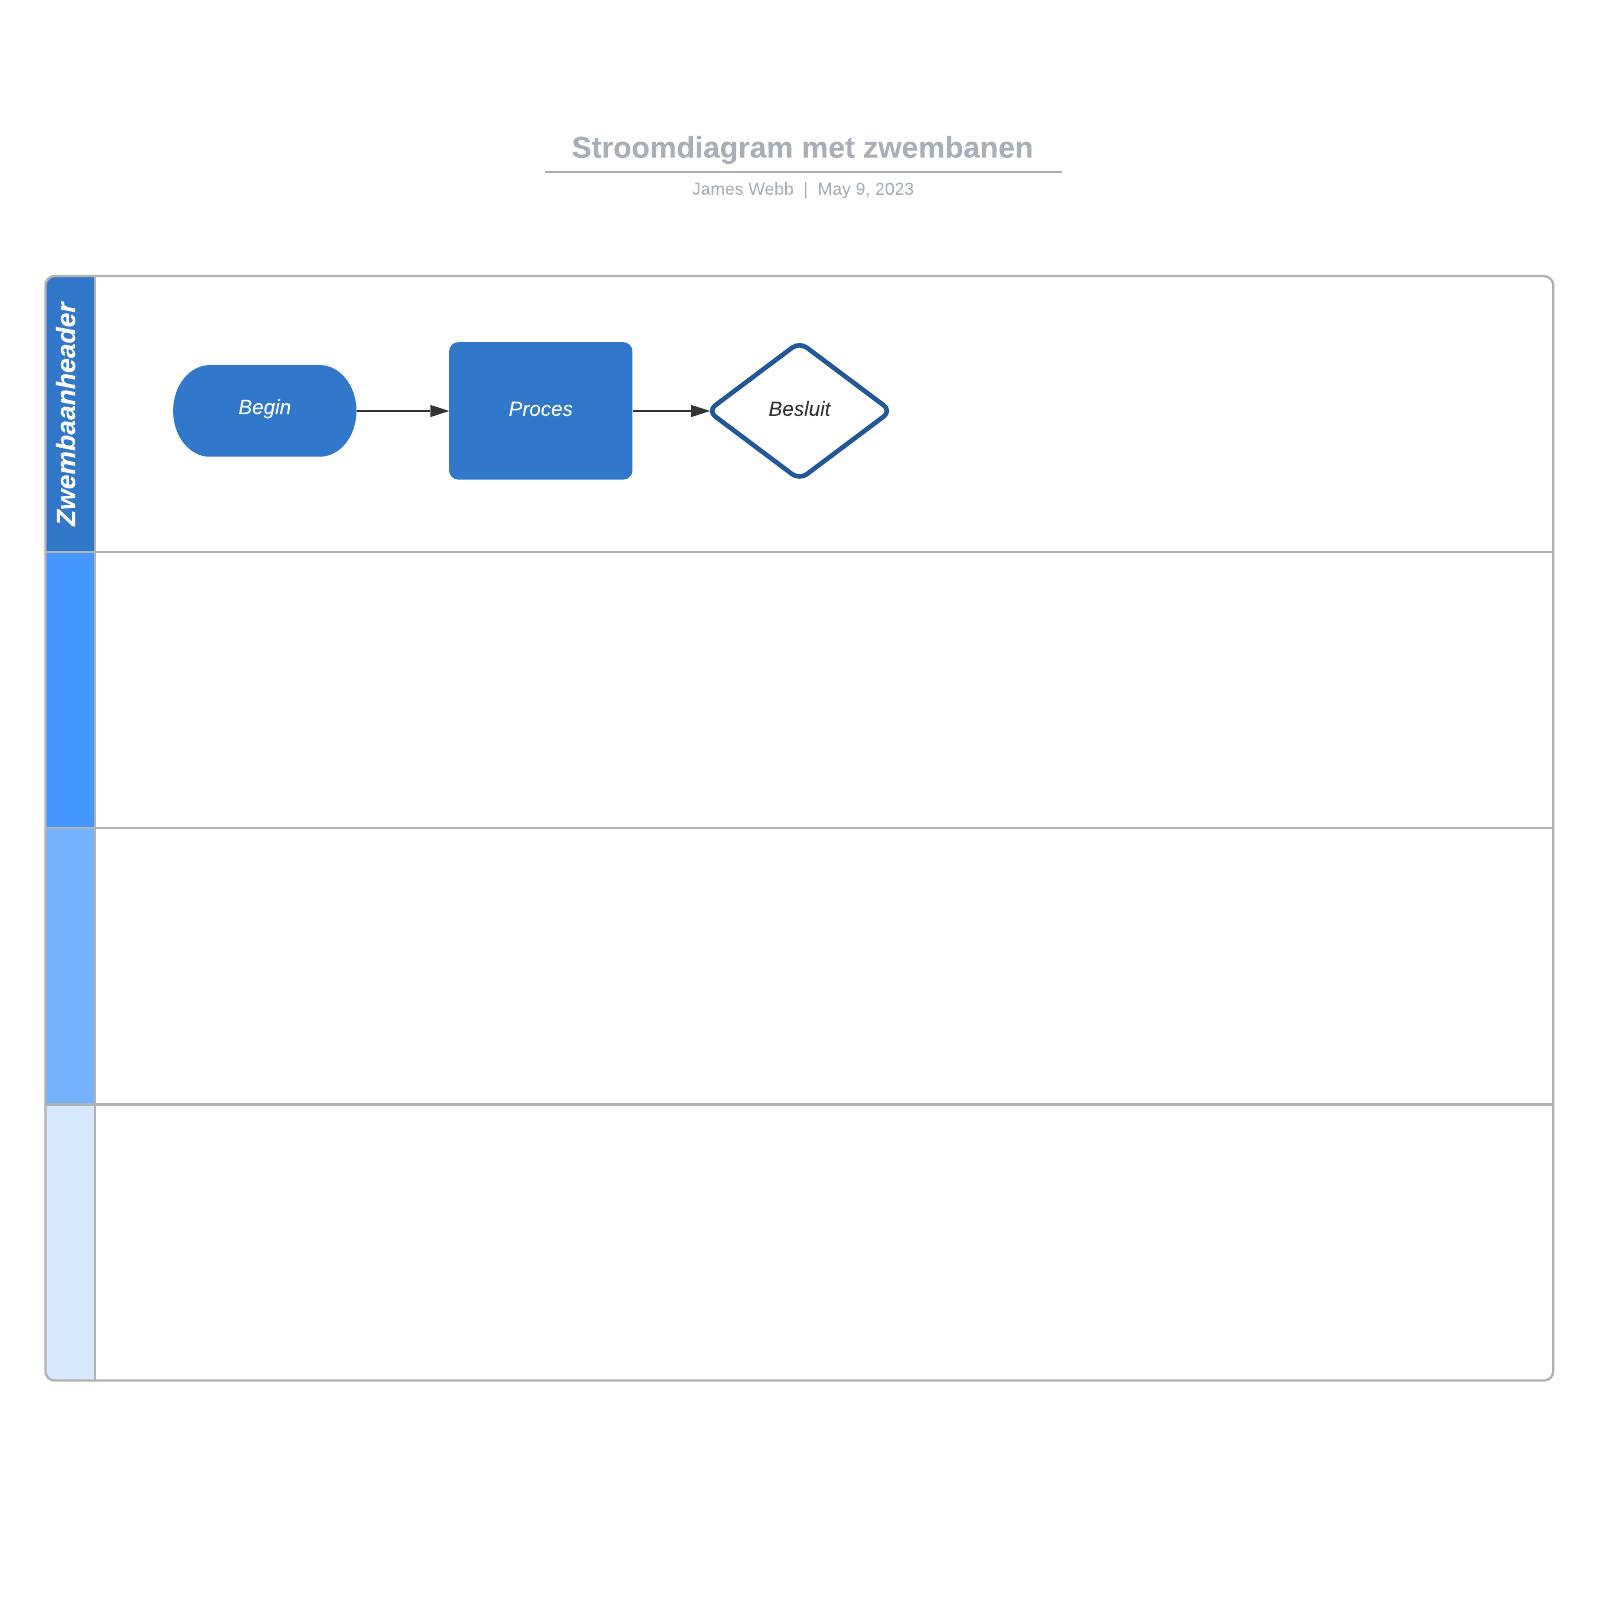 Stroomdiagram met zwembanen